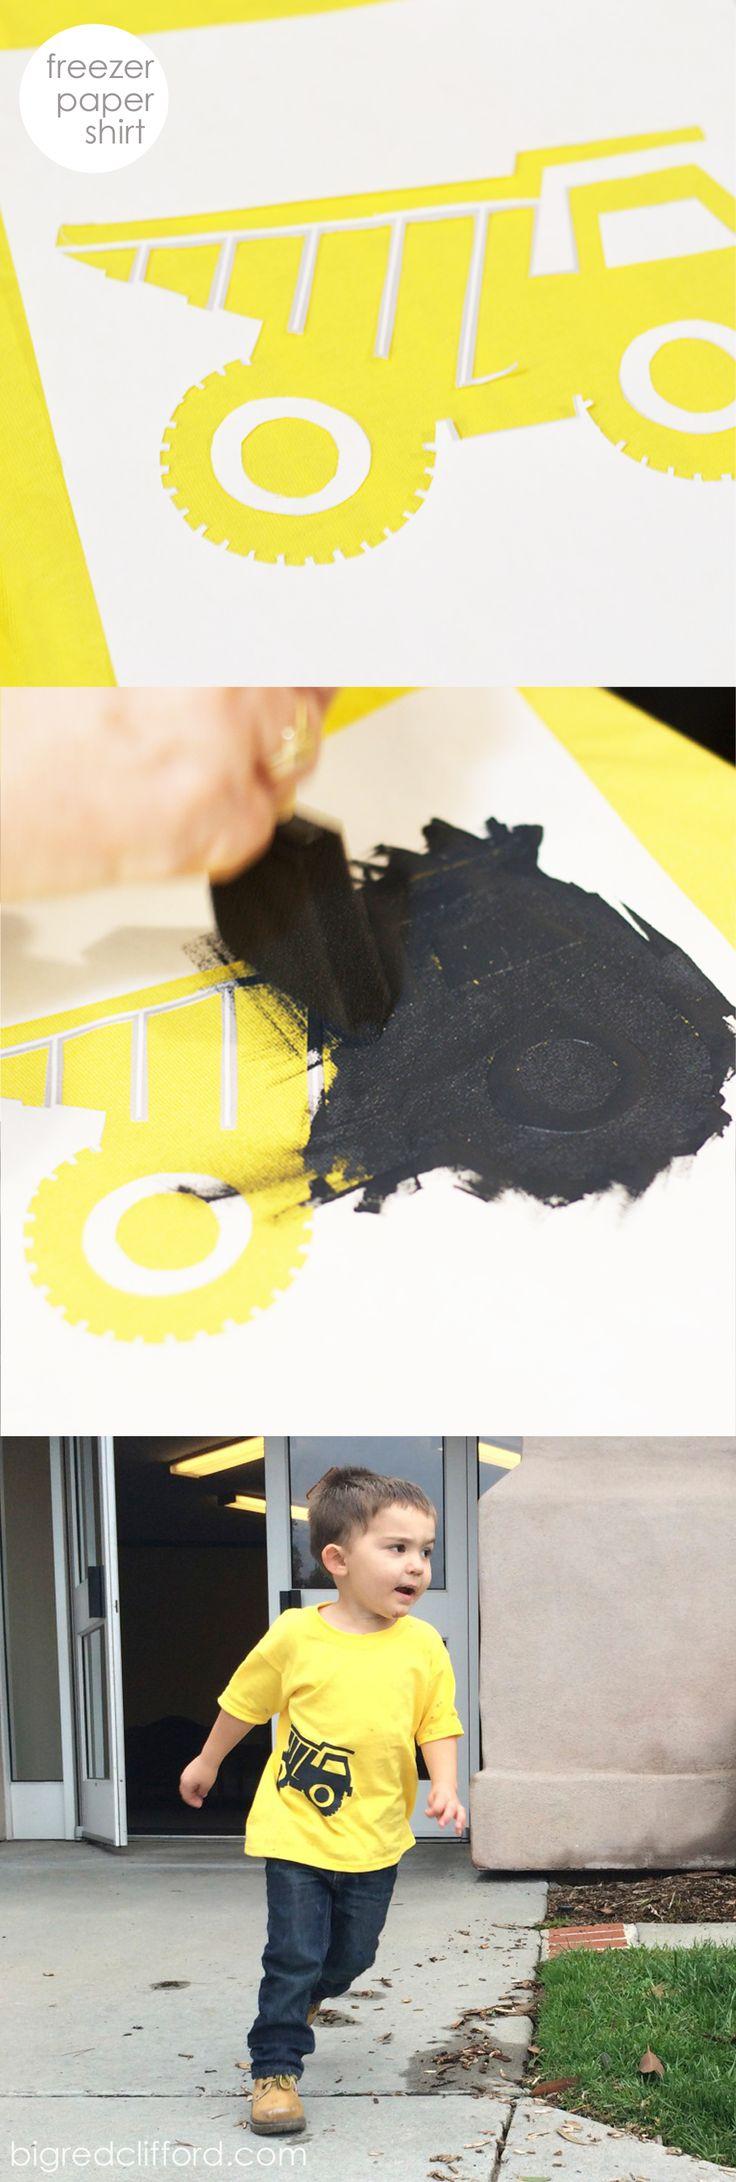 DIY freezer paper shirt fabric paint dump truck